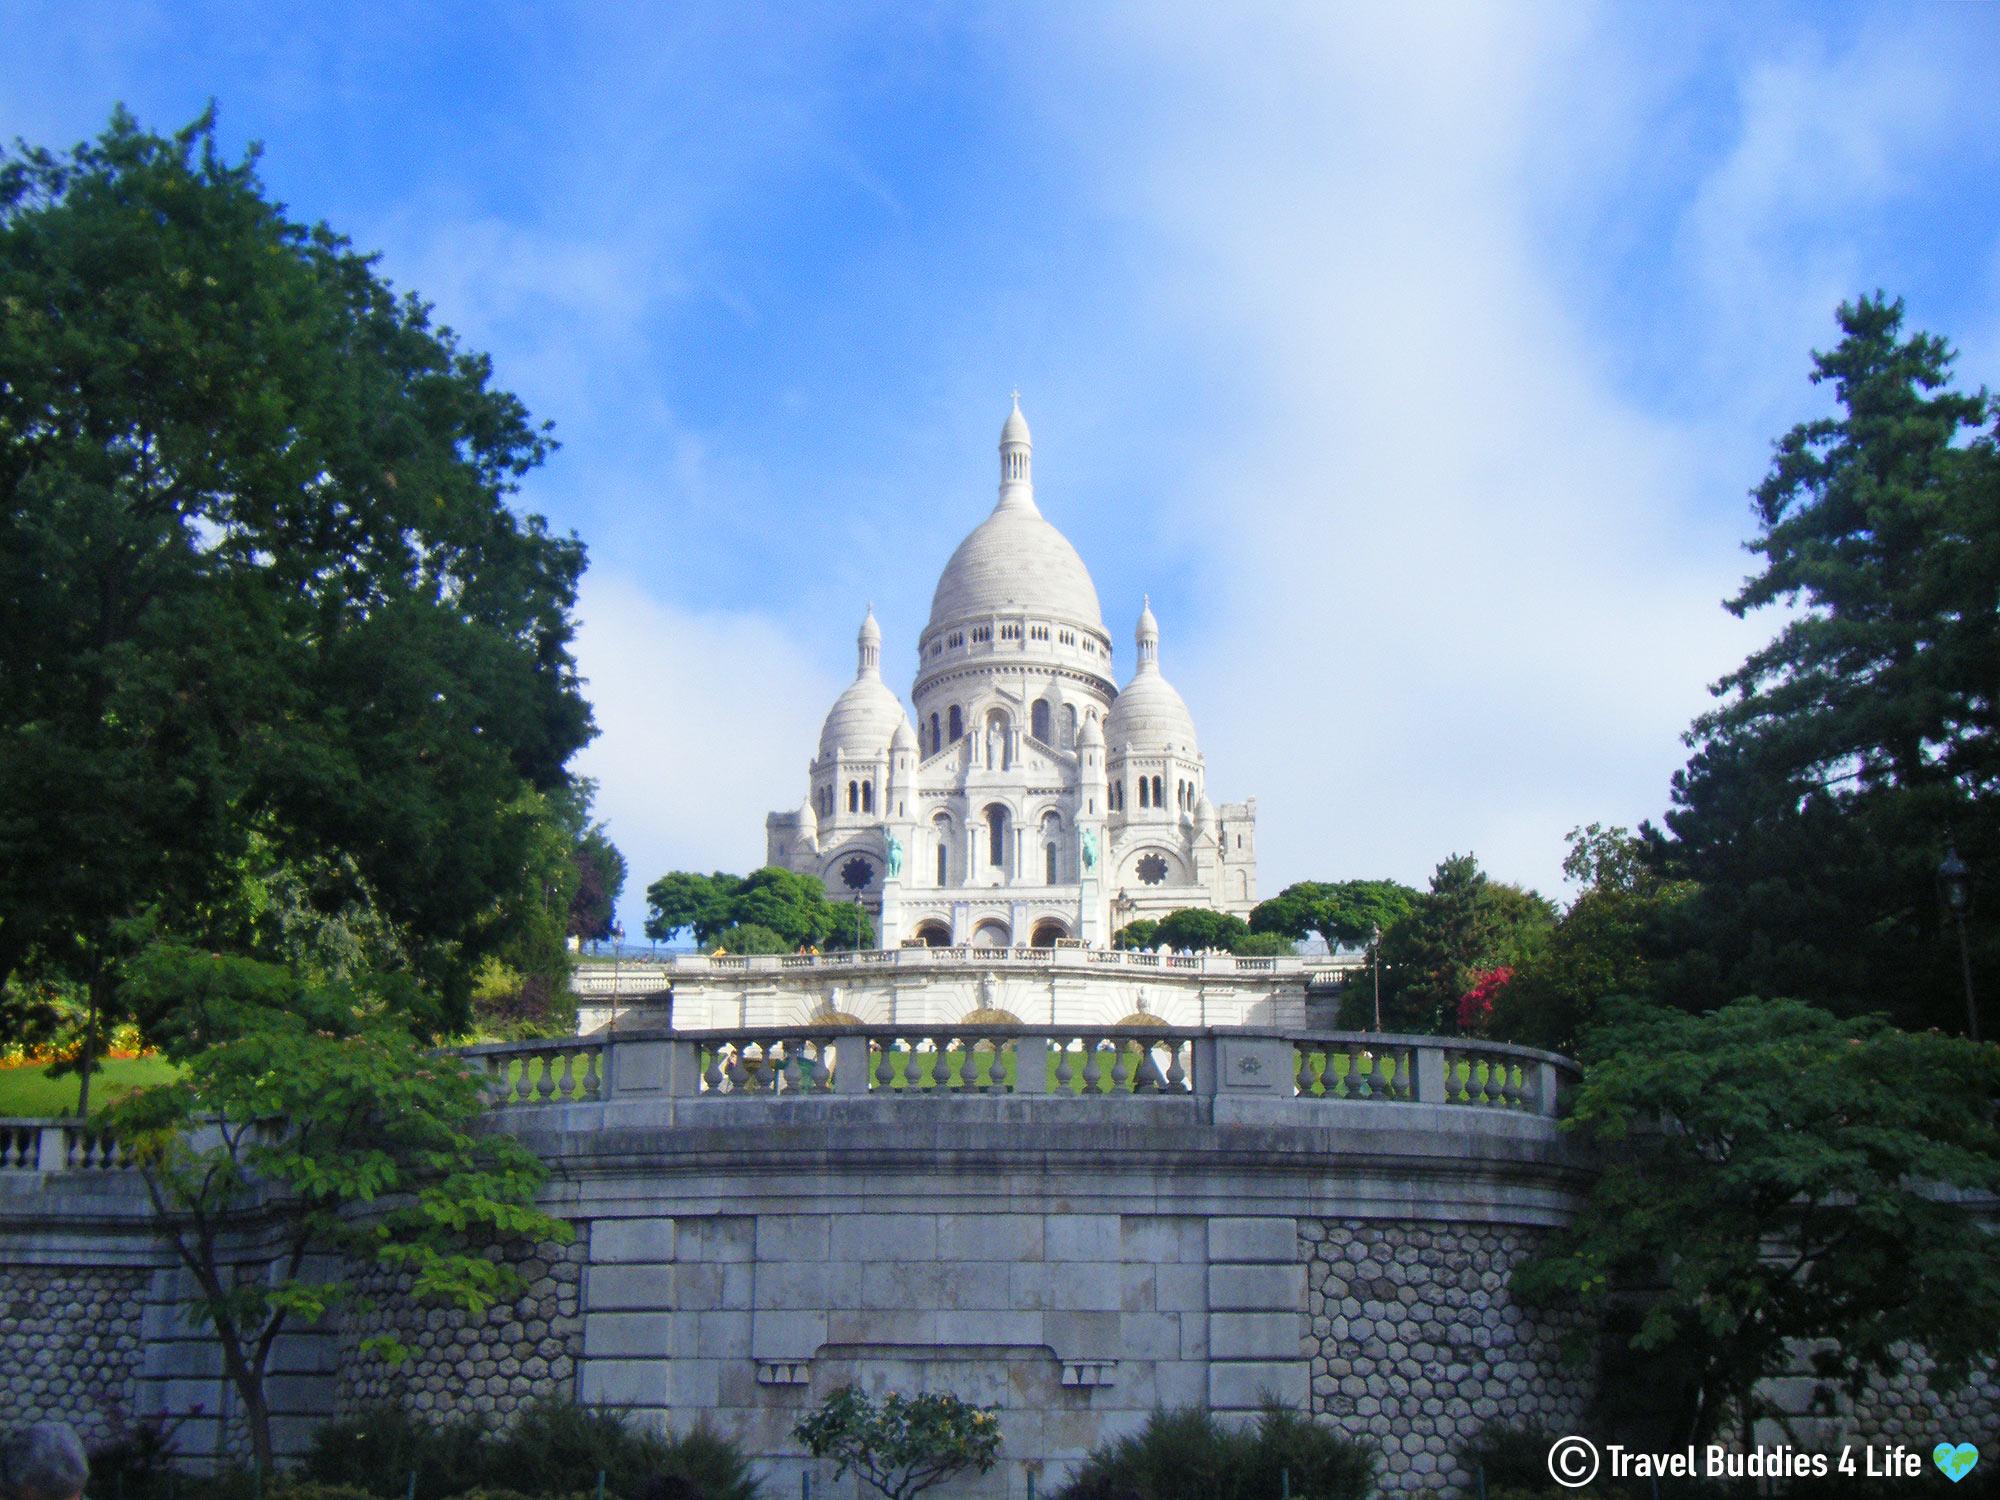 The Picture Perfect Church Of The Basilique Sacré Cœur In Paris, France